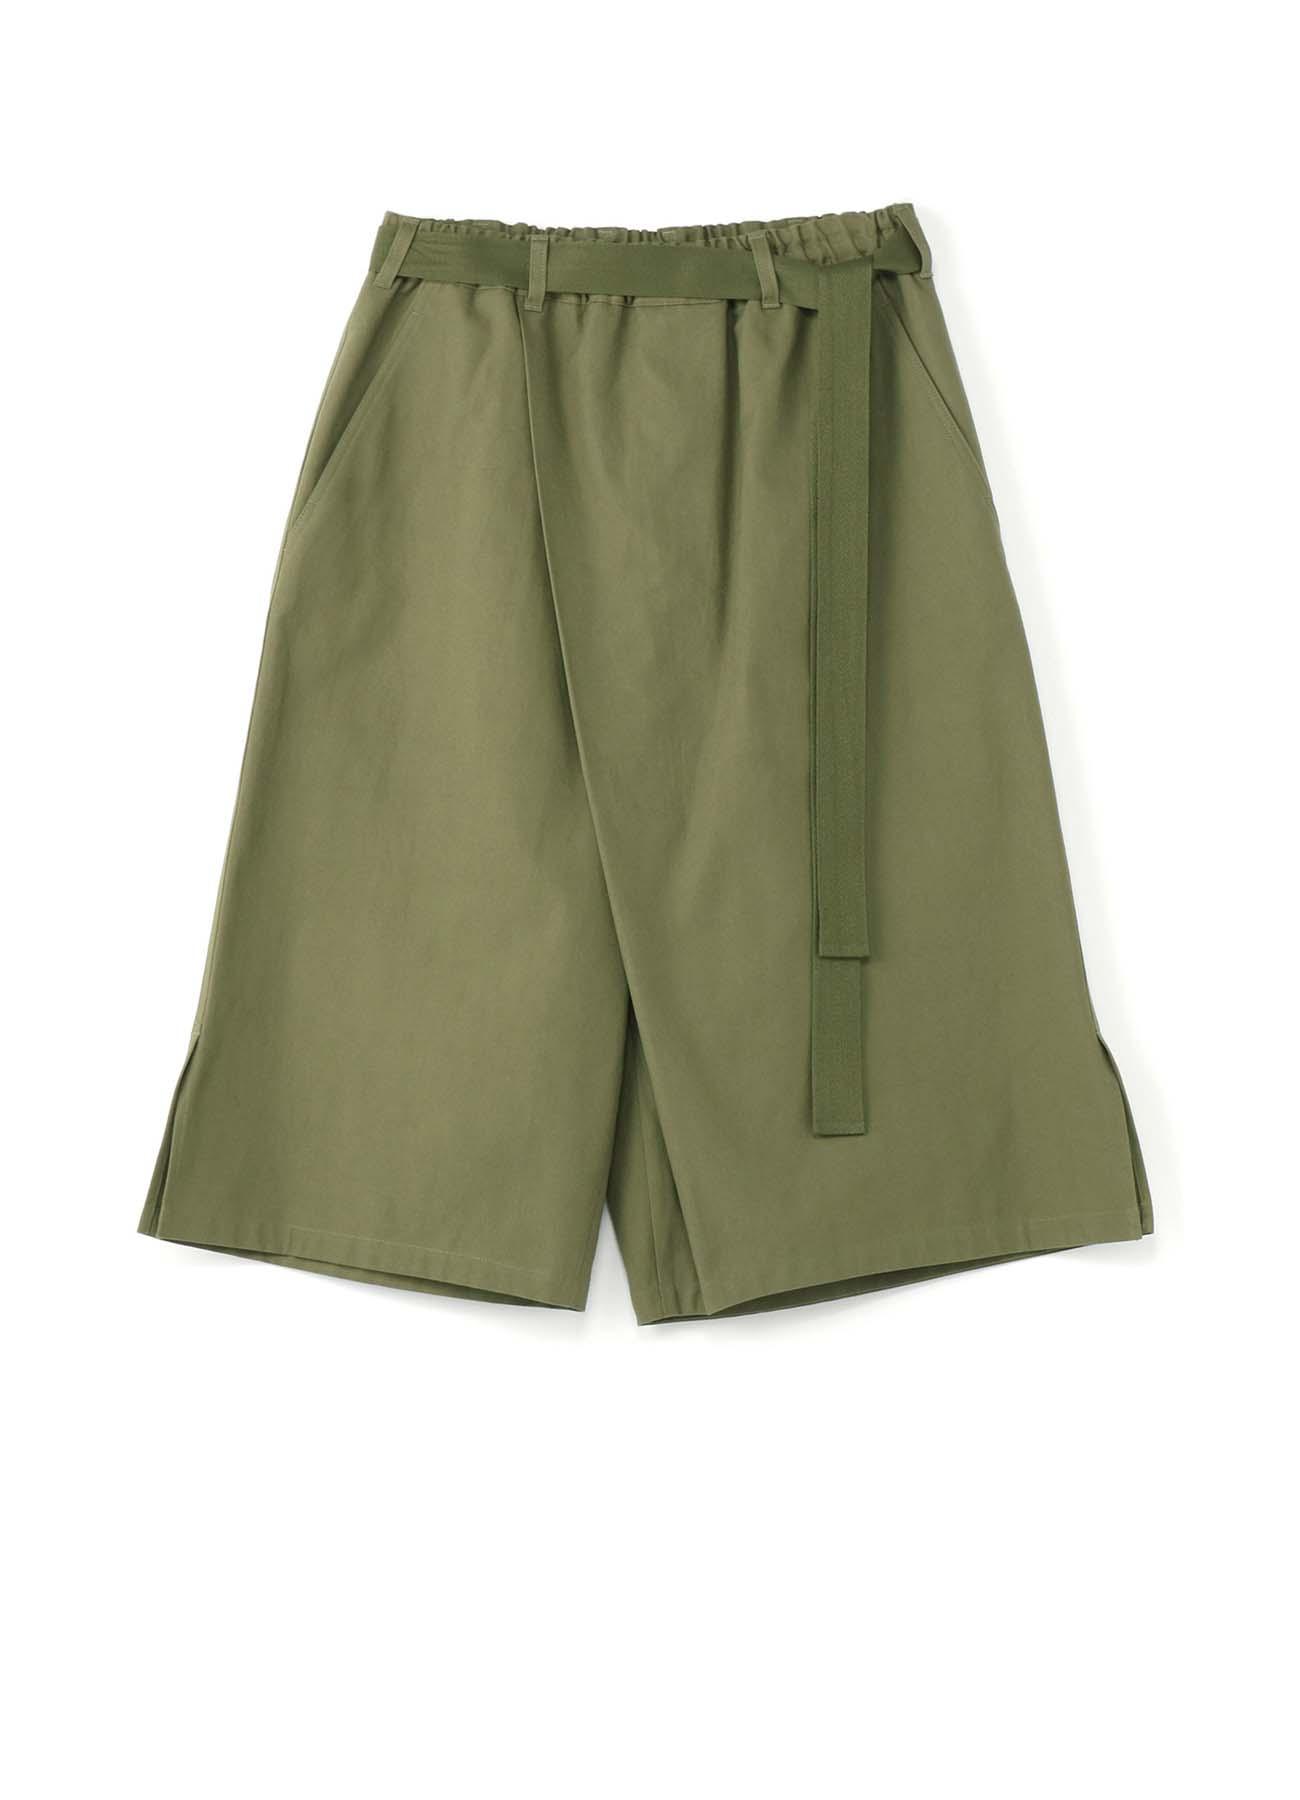 79A棉帆布 腰带宽裤